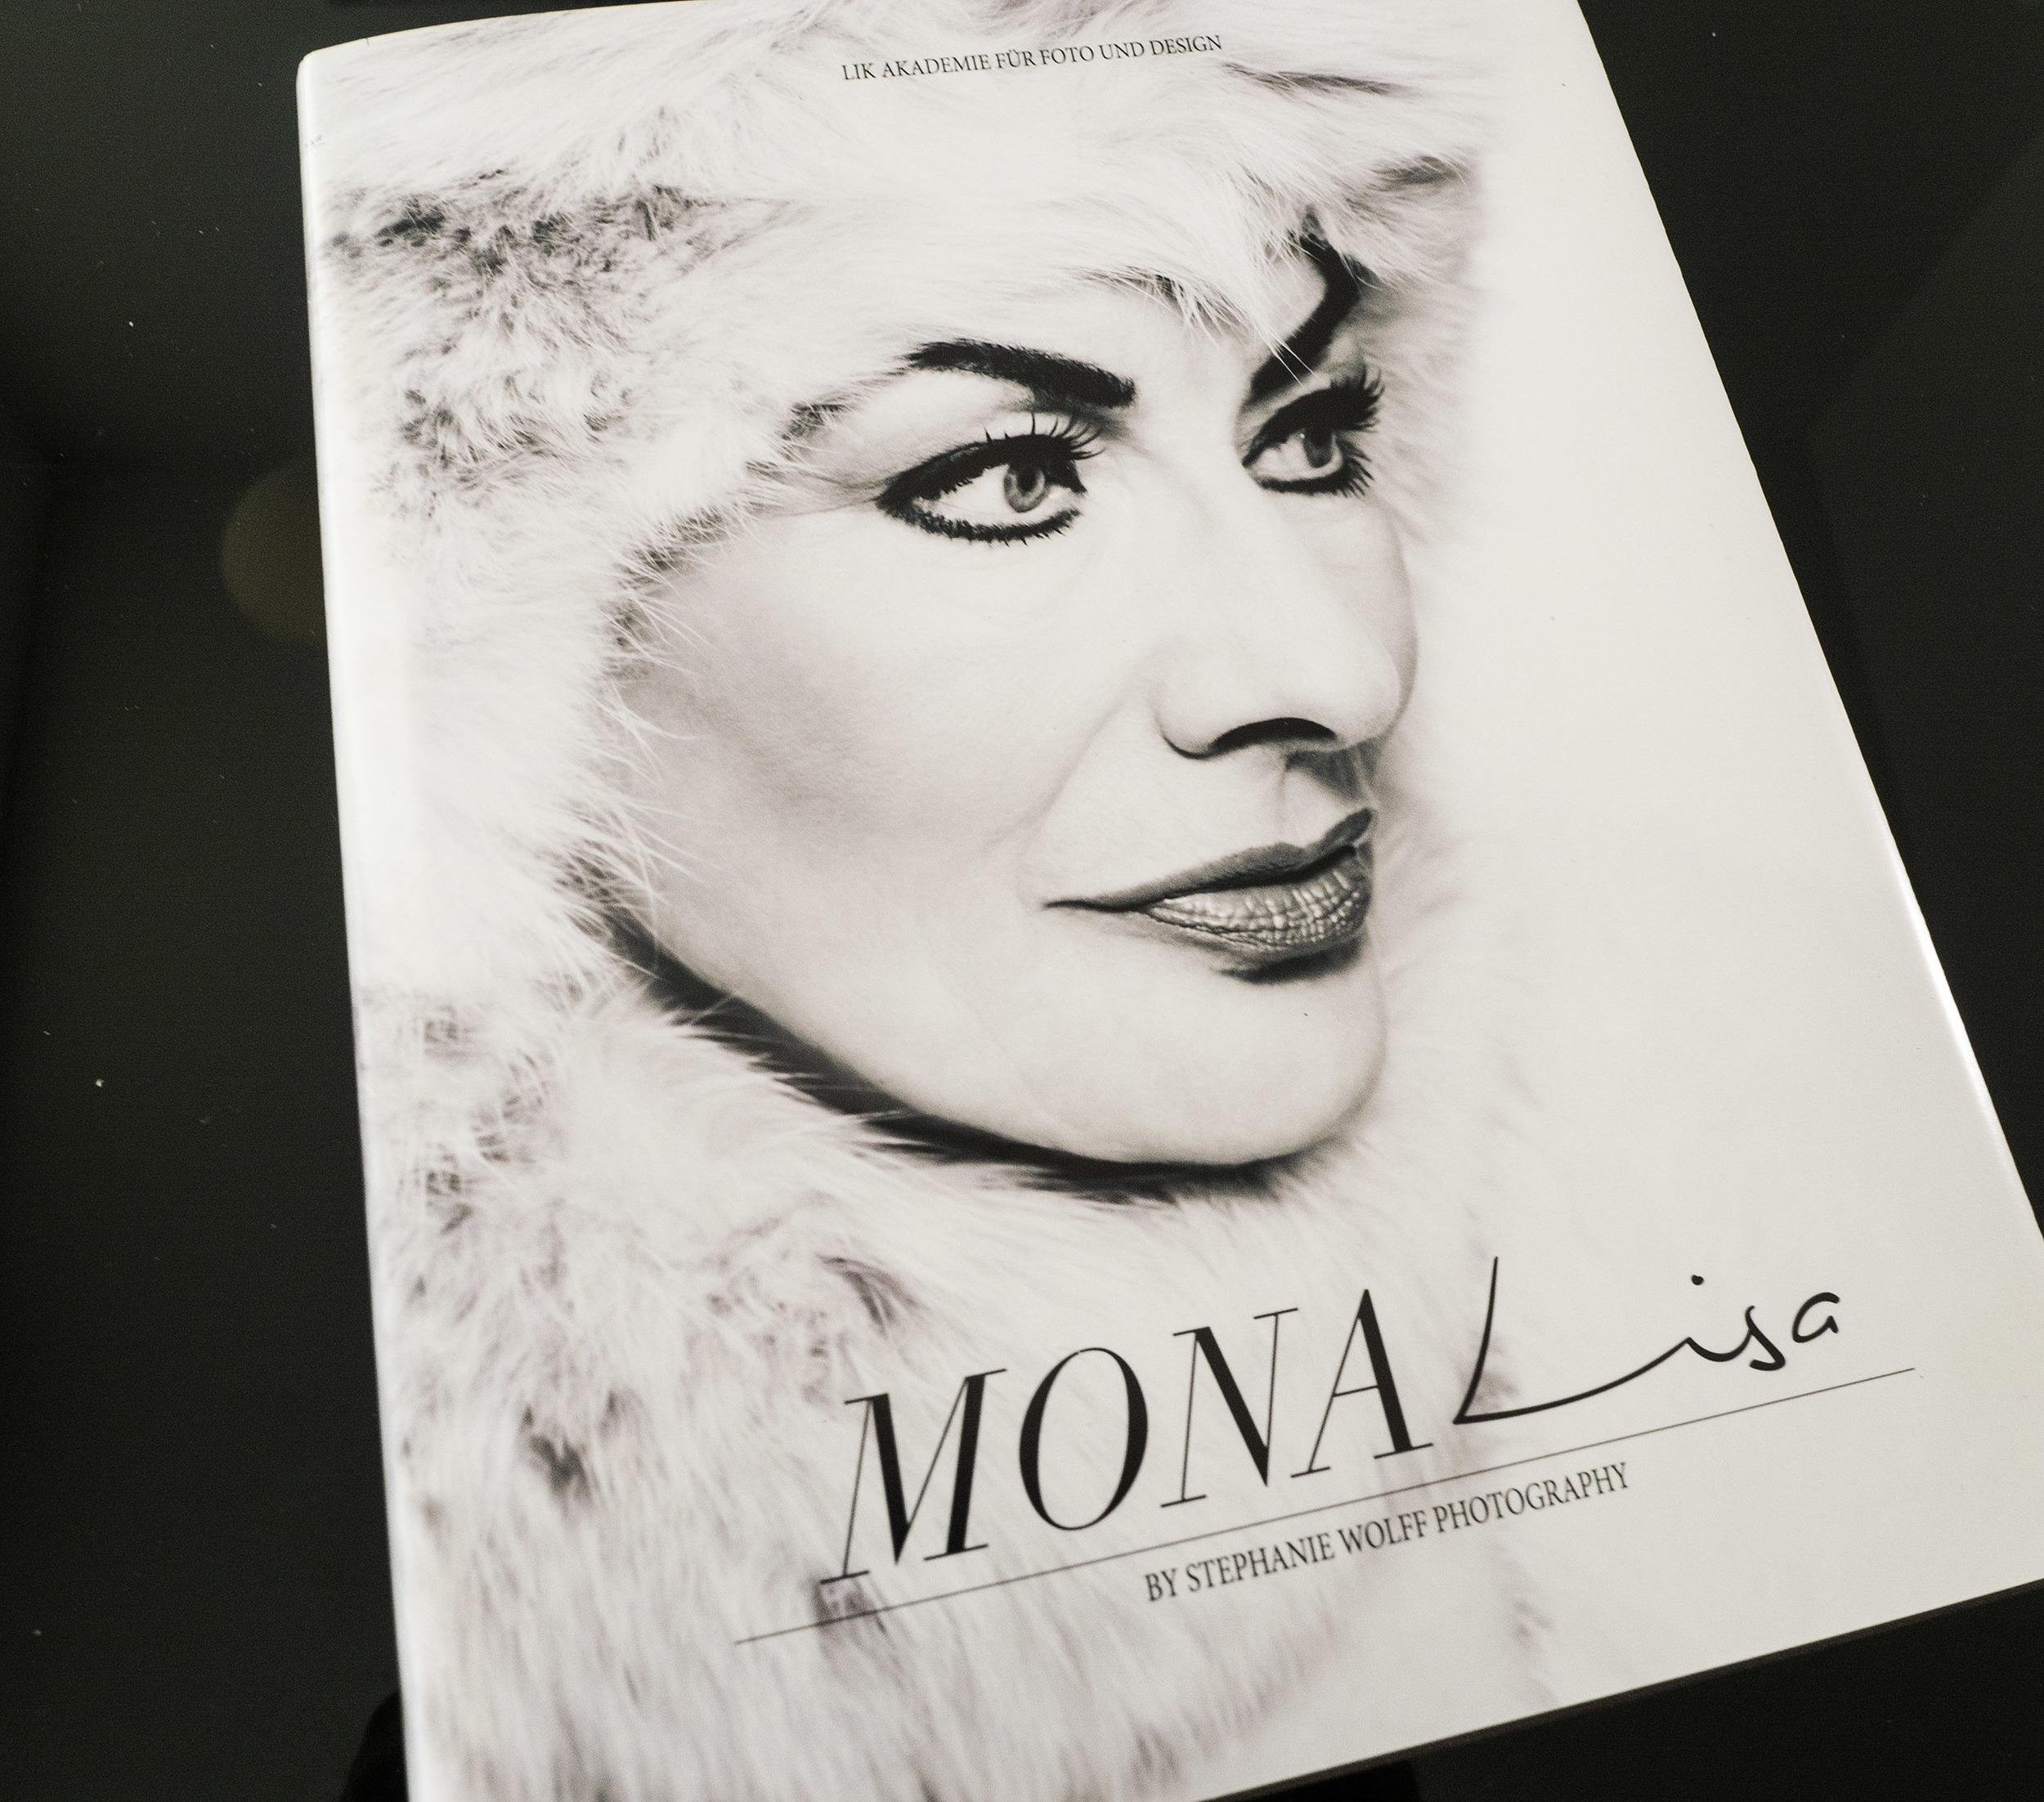 MONAlisa by Stephanie Wolff